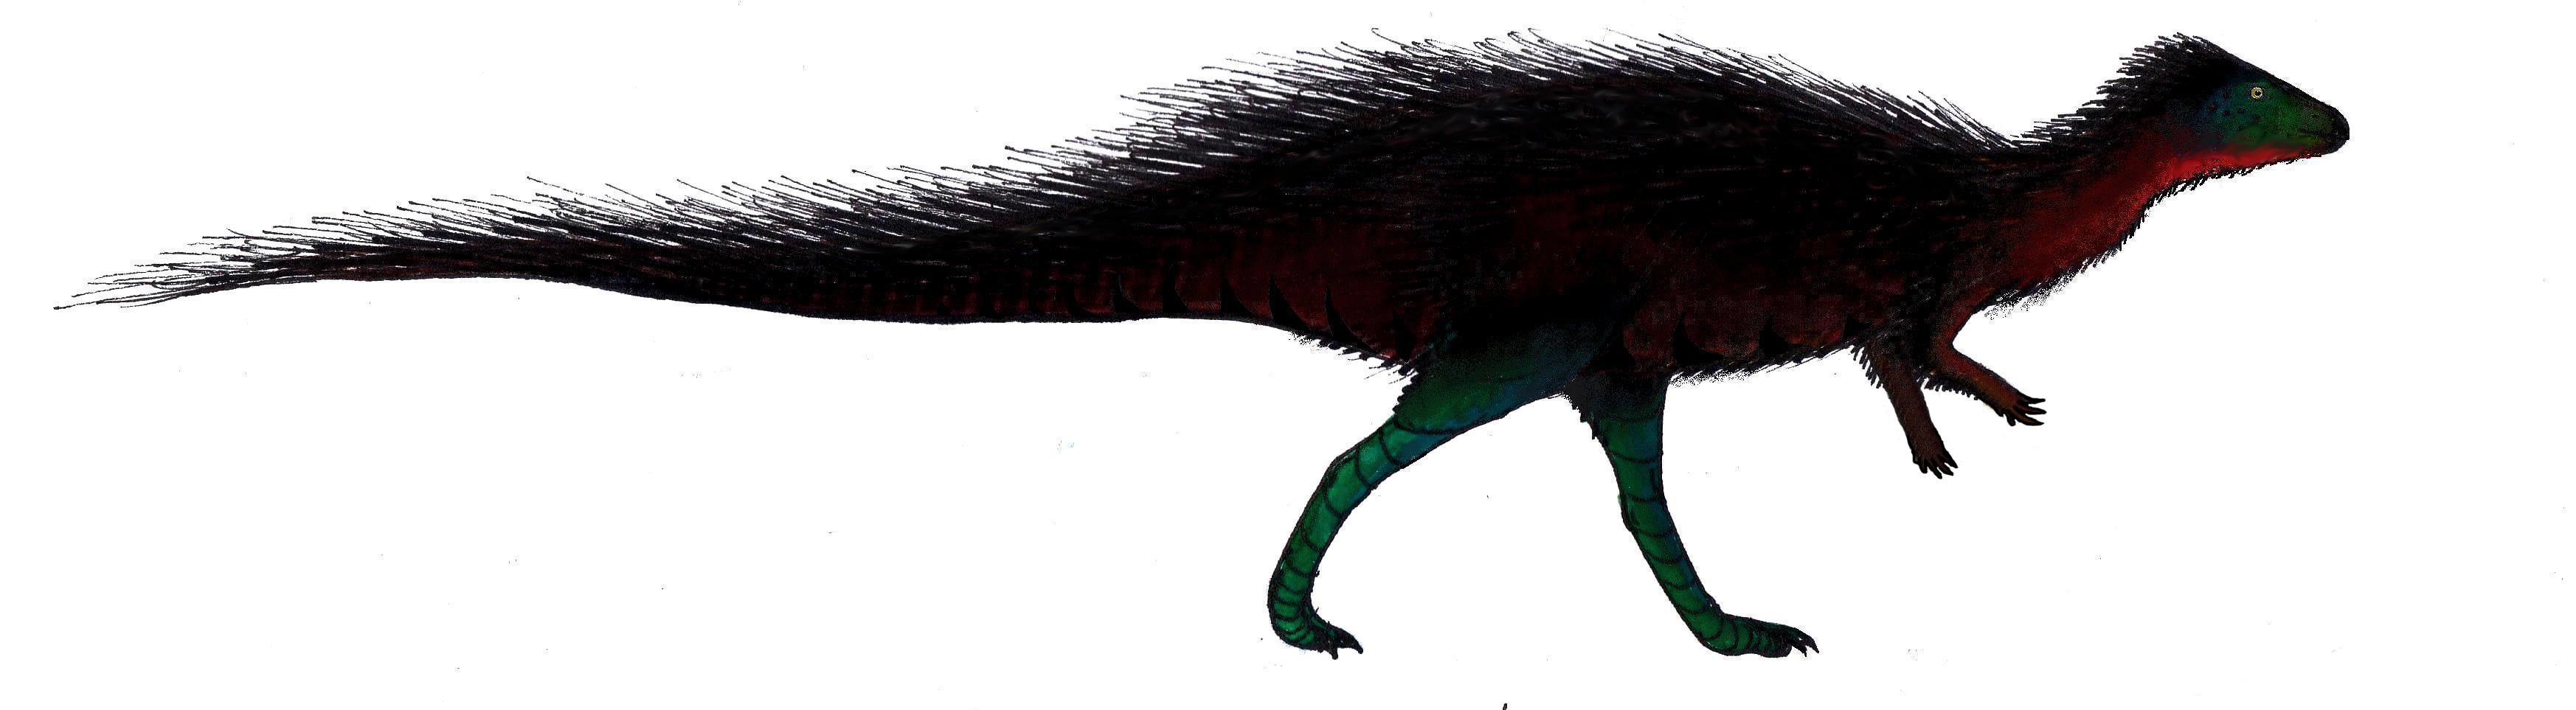 Келловозавр